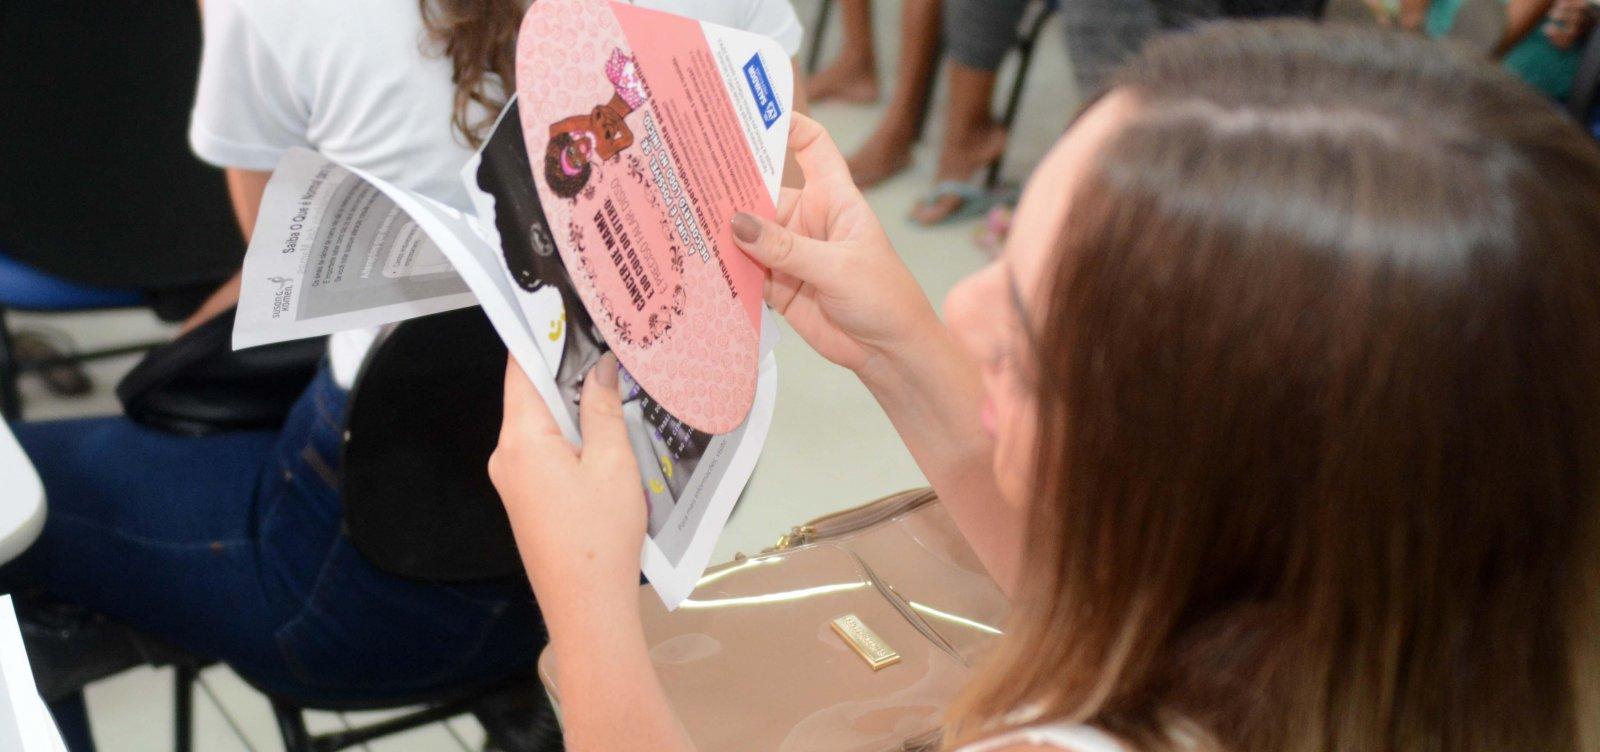 [Cinco bairros de Salvador recebem campanha de prevenção ao câncer de mama]